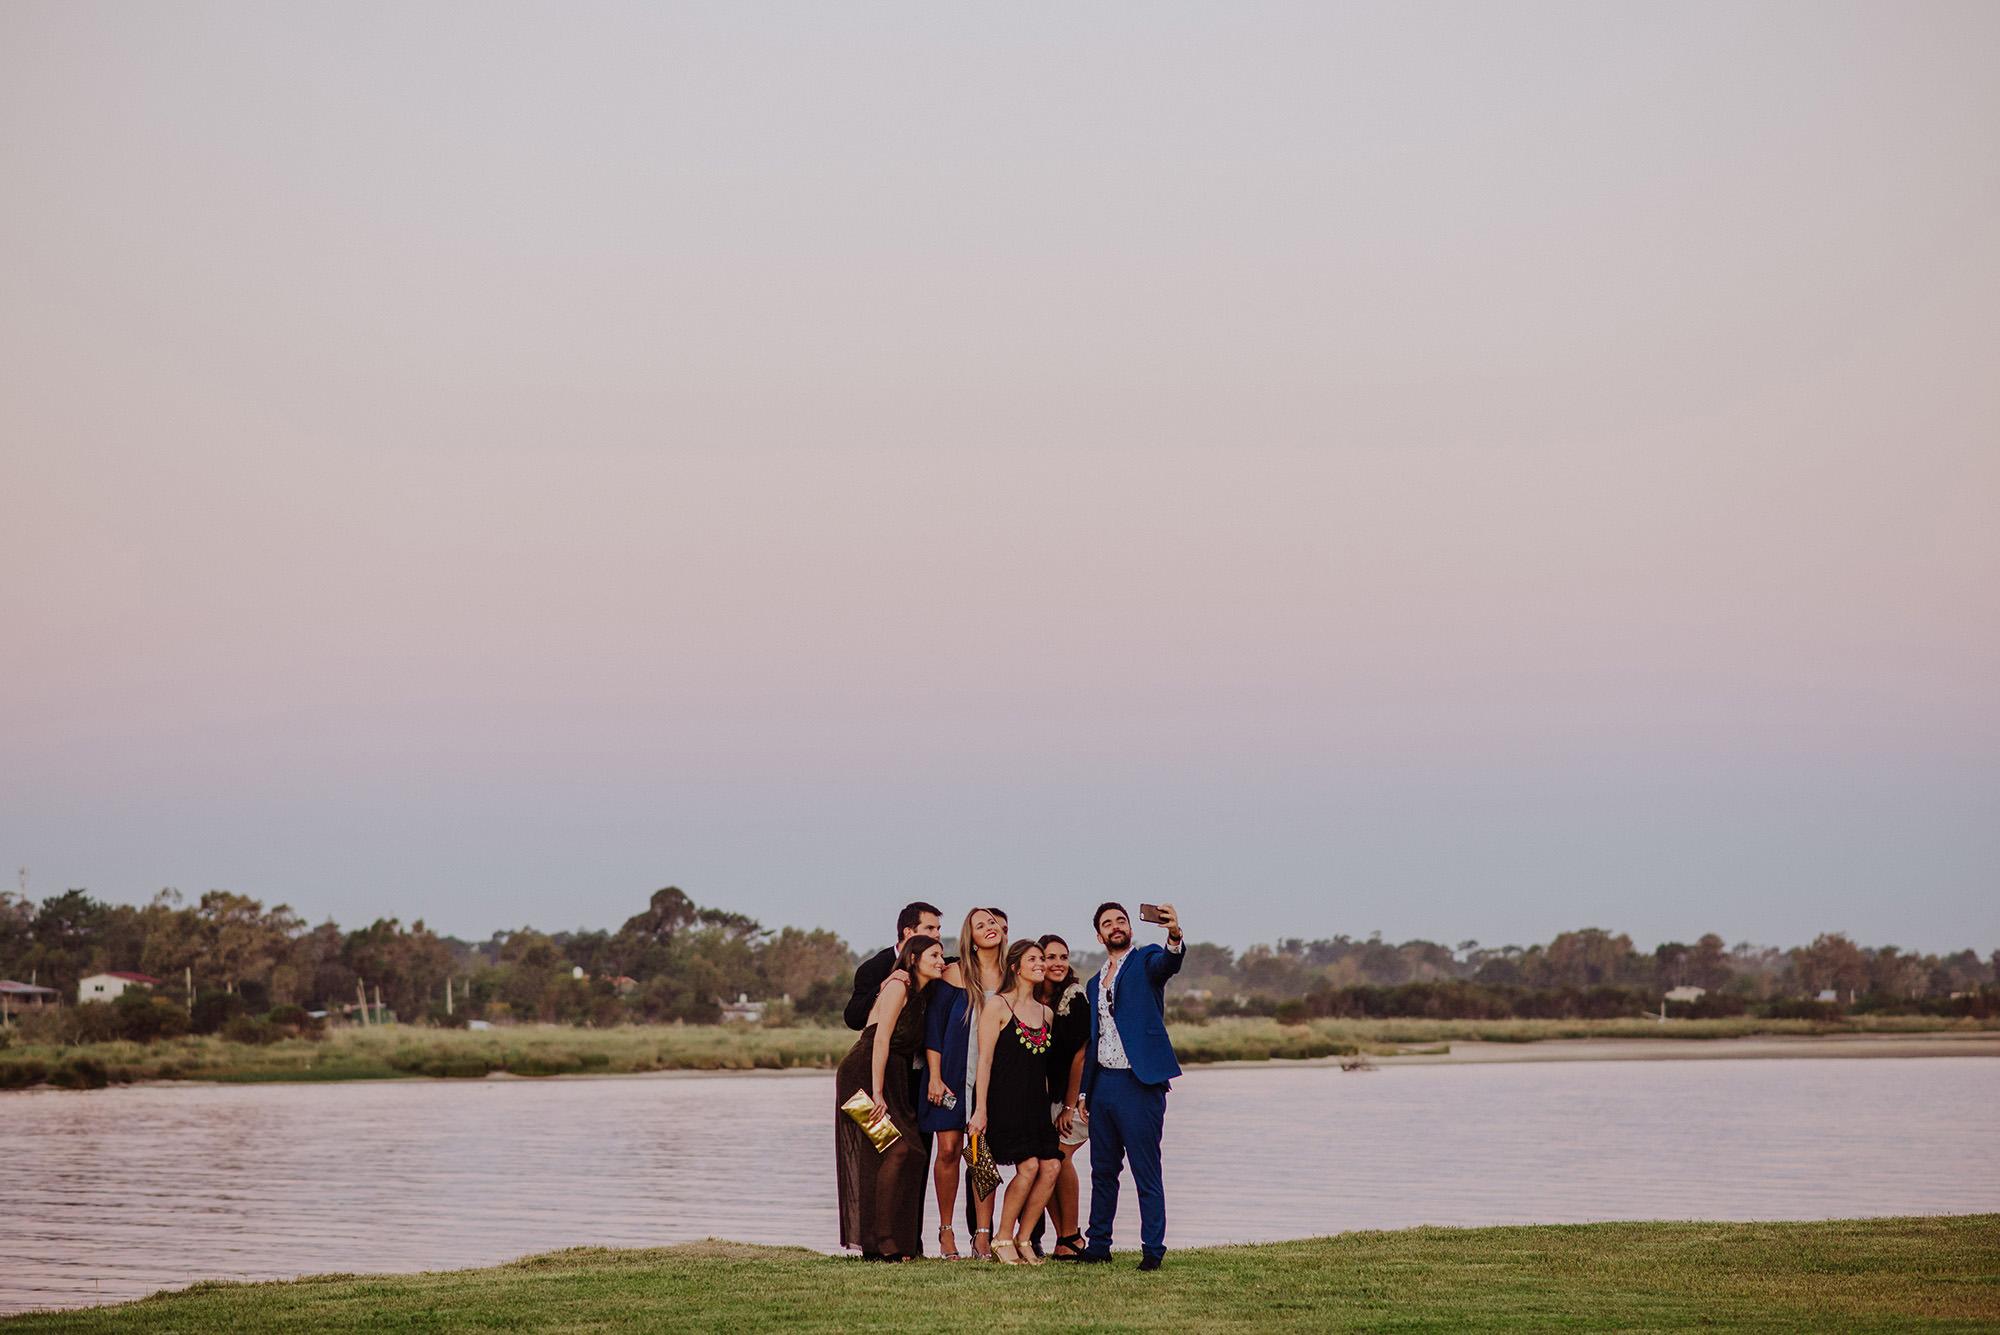 fotografos-de-casamientos-uruguay-20